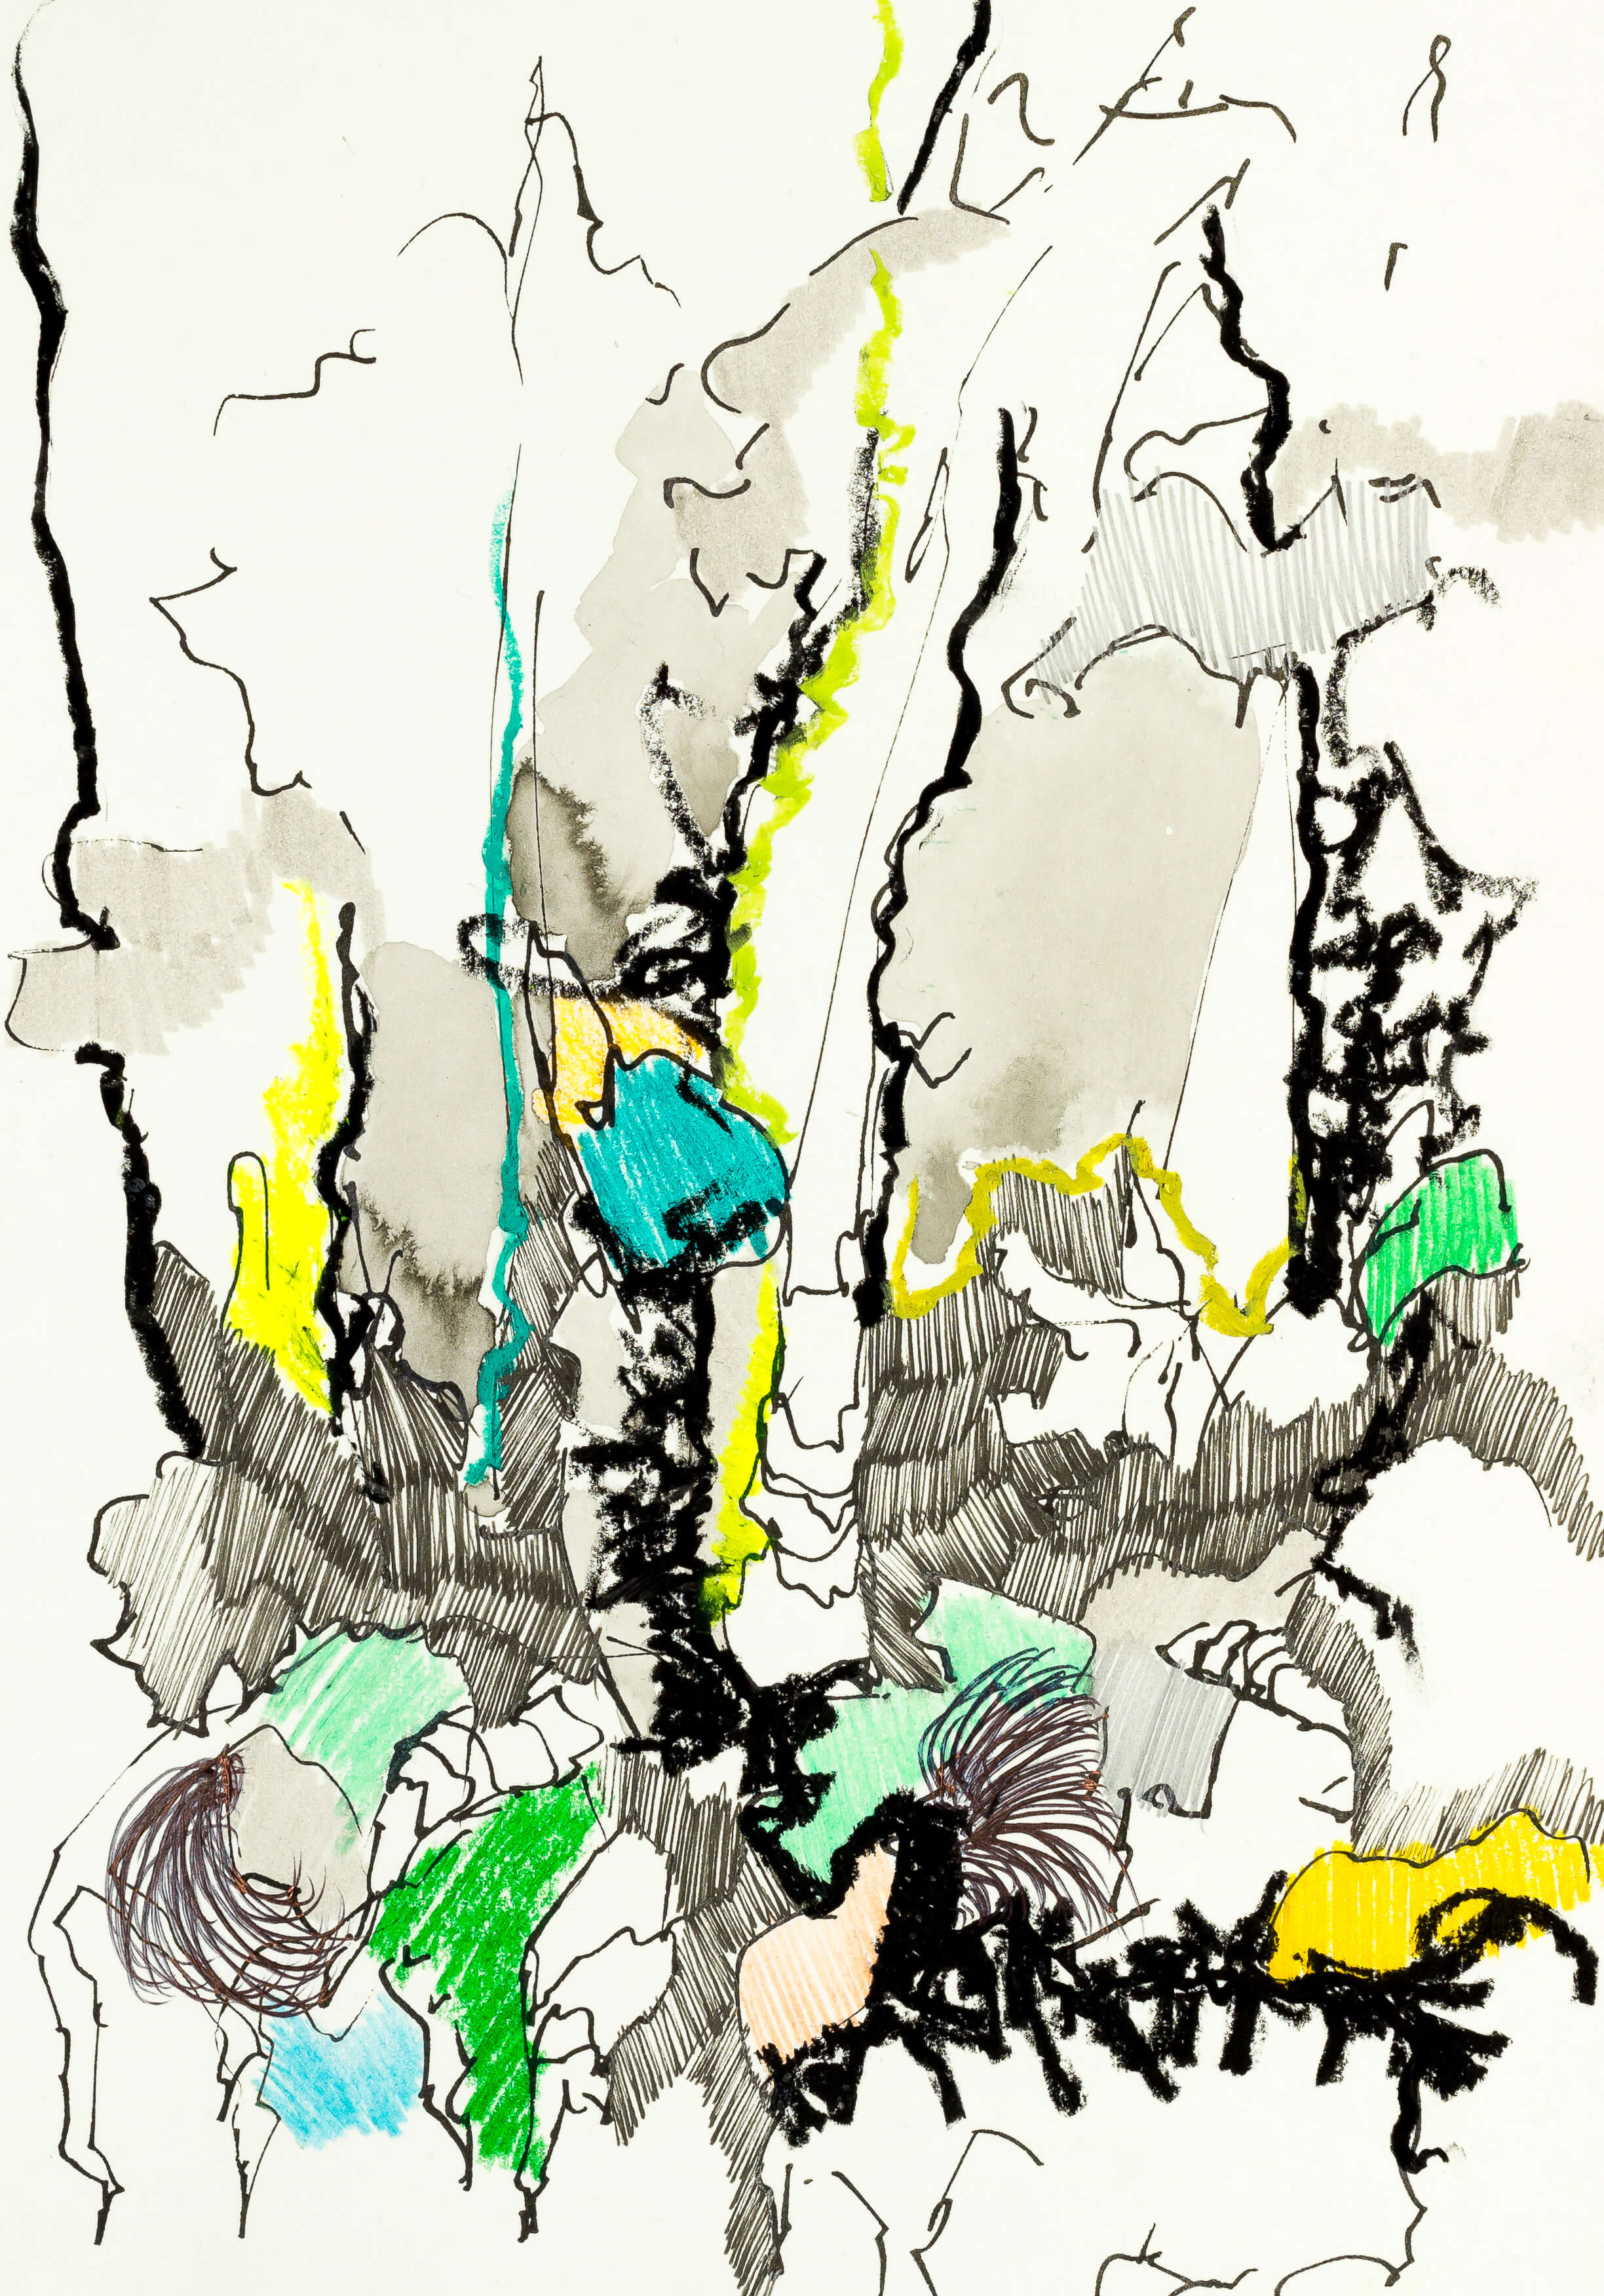 Katharina Albers, Wald XXXVI, 2016, Ölkreide, Fineliner, Graphit, Buntstift, Aquarell auf Papier, 29,7x21 cm